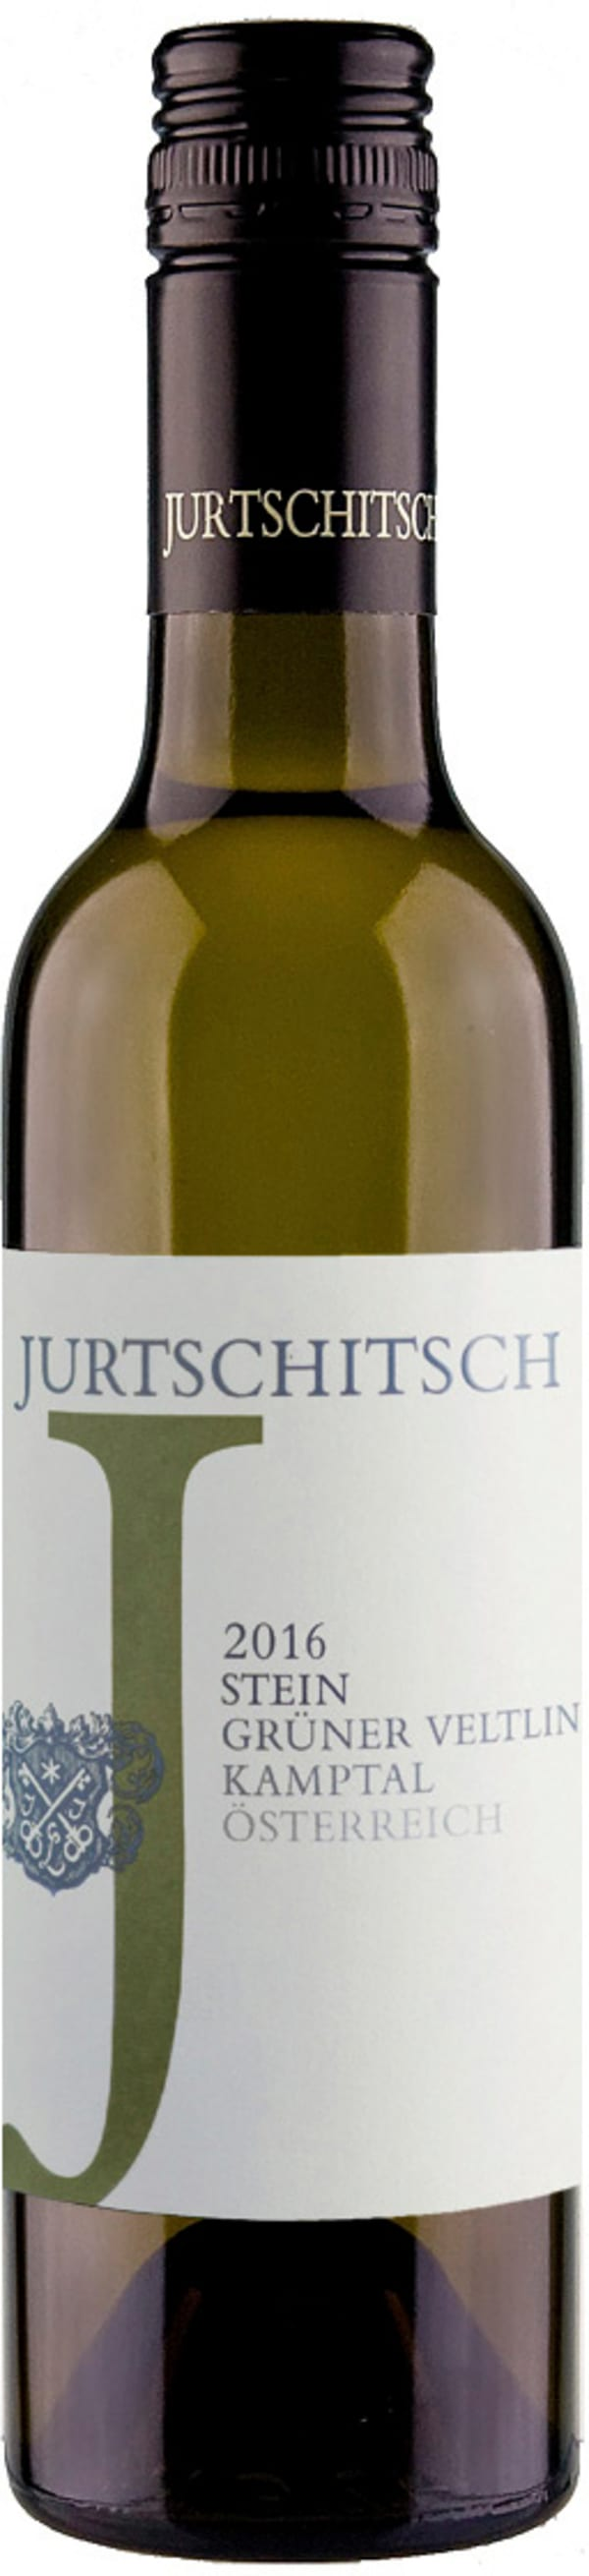 Jurtschitsch Grüner Veltliner Löss 2018